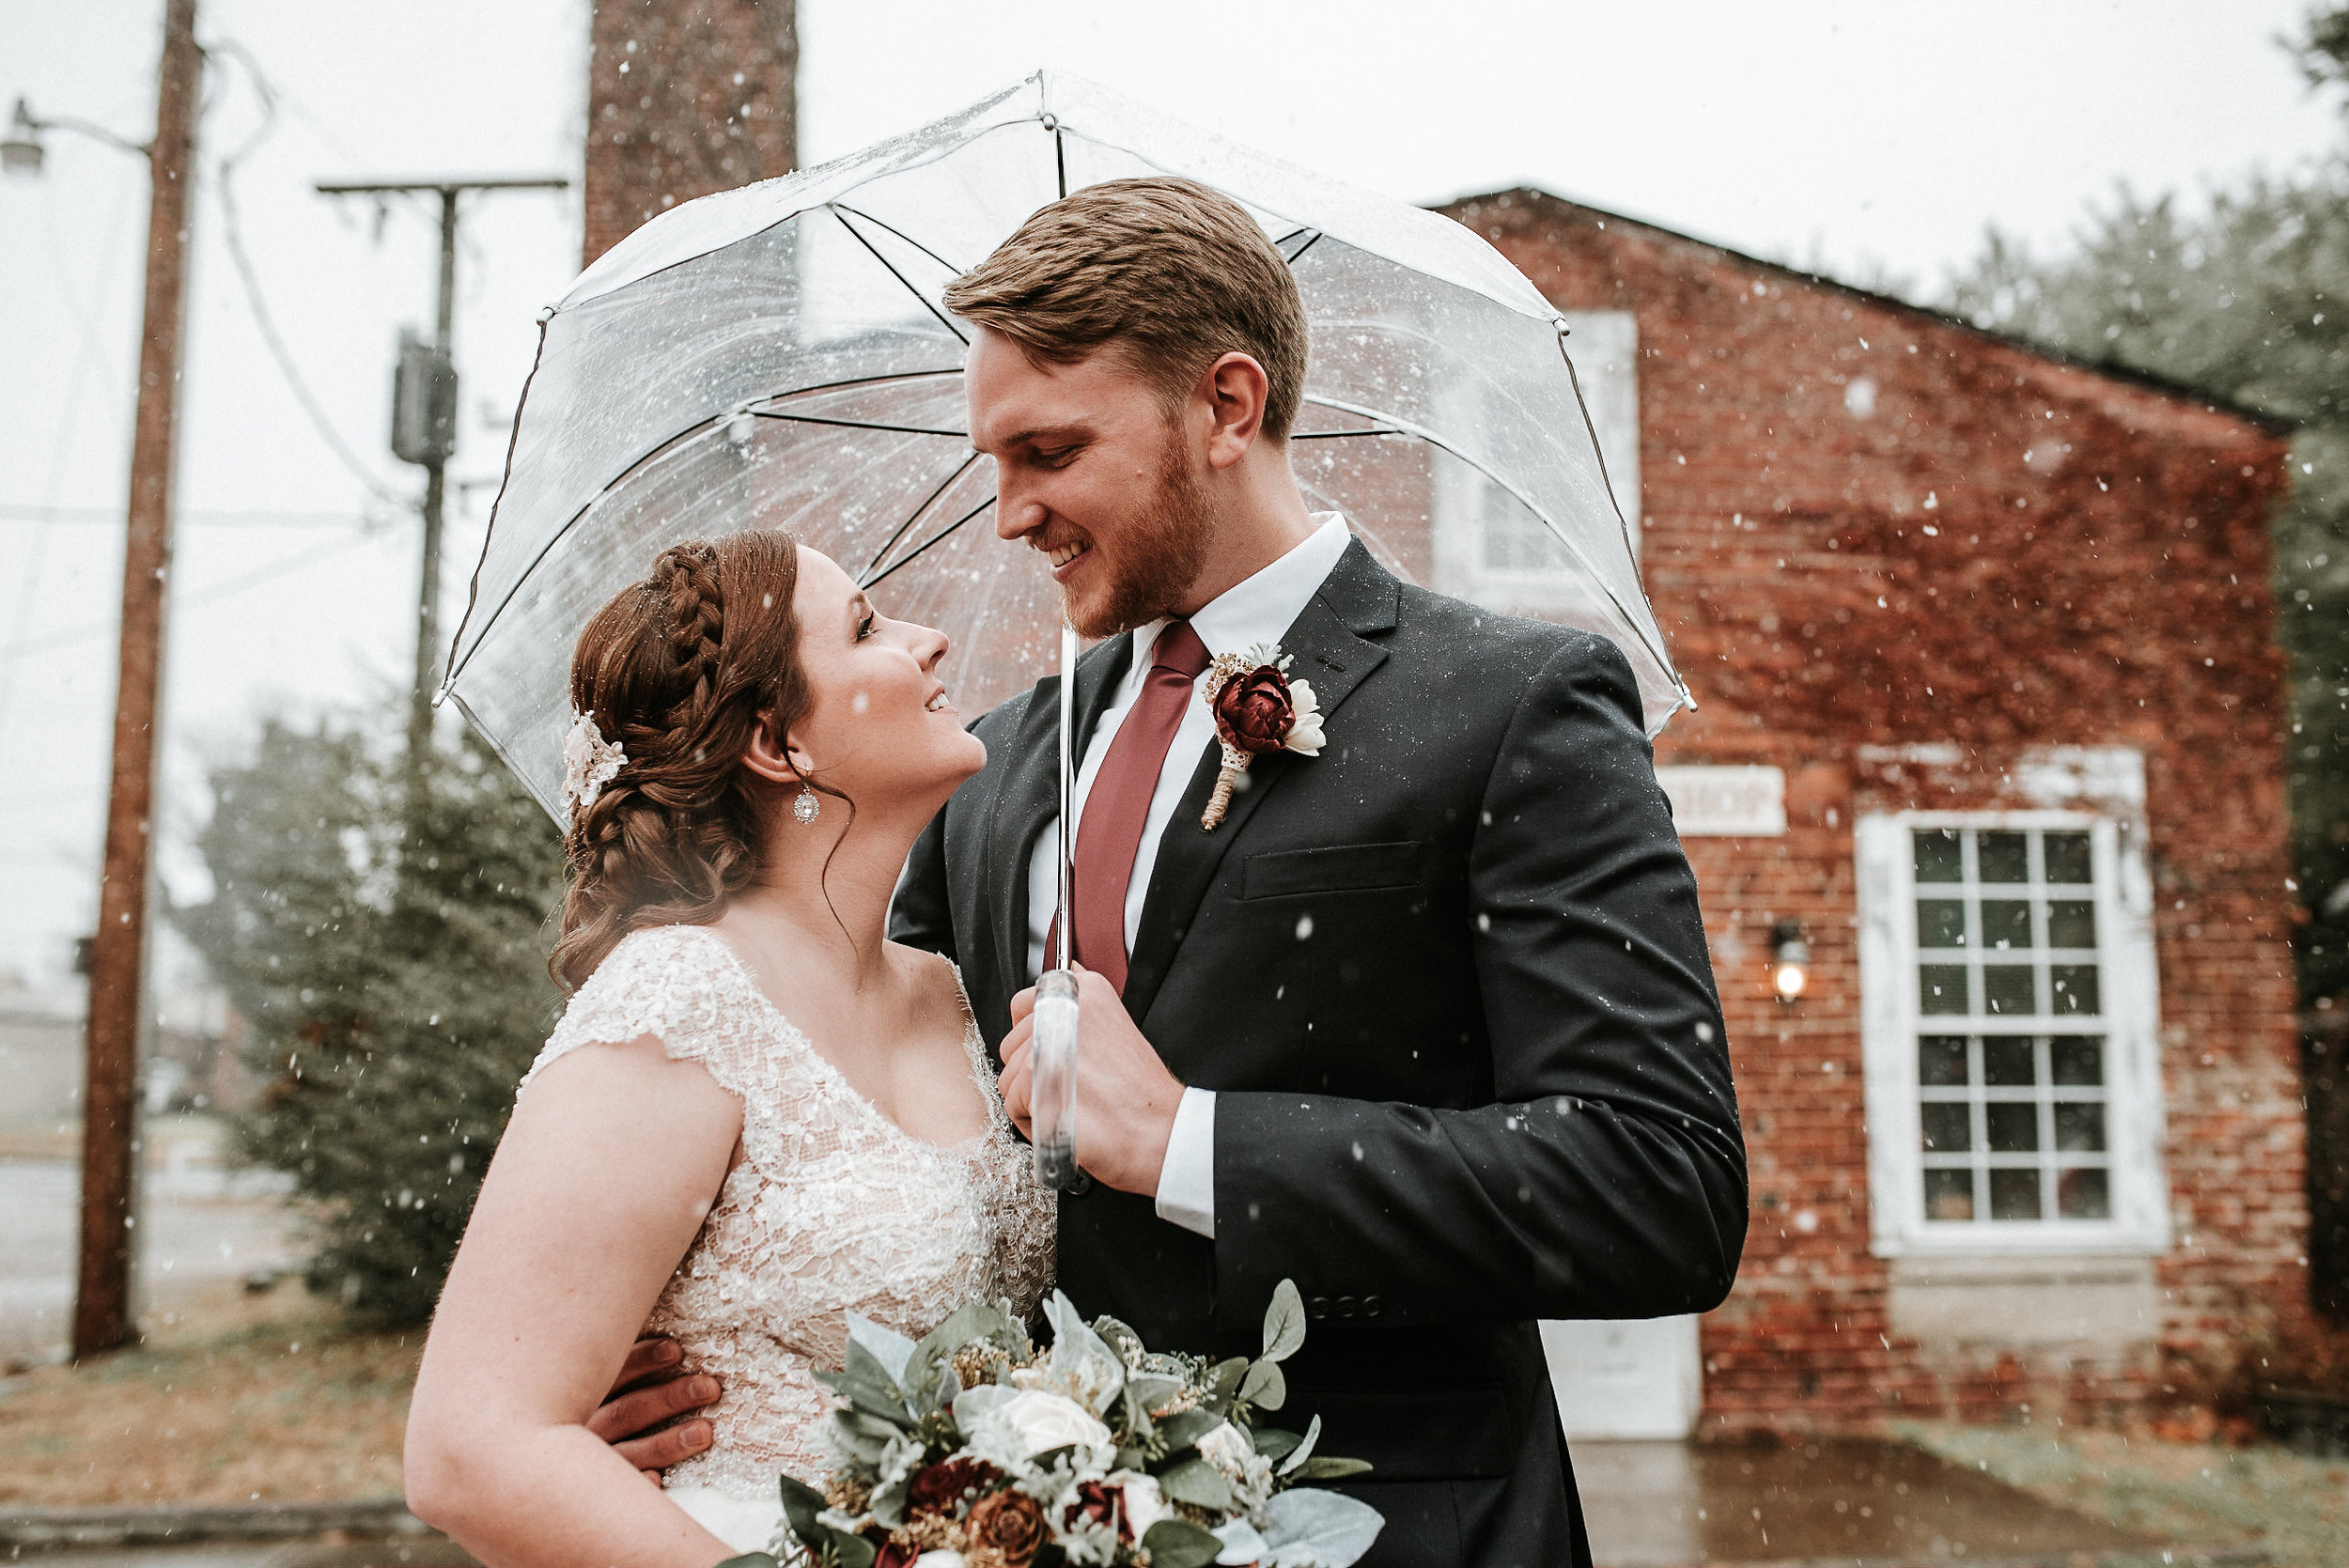 Bride and groom standing under umbrella